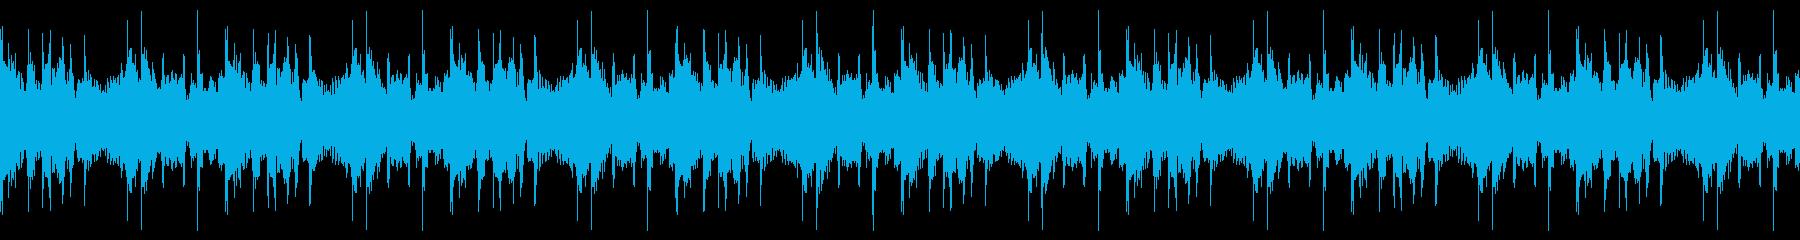 軌道ループ4の再生済みの波形